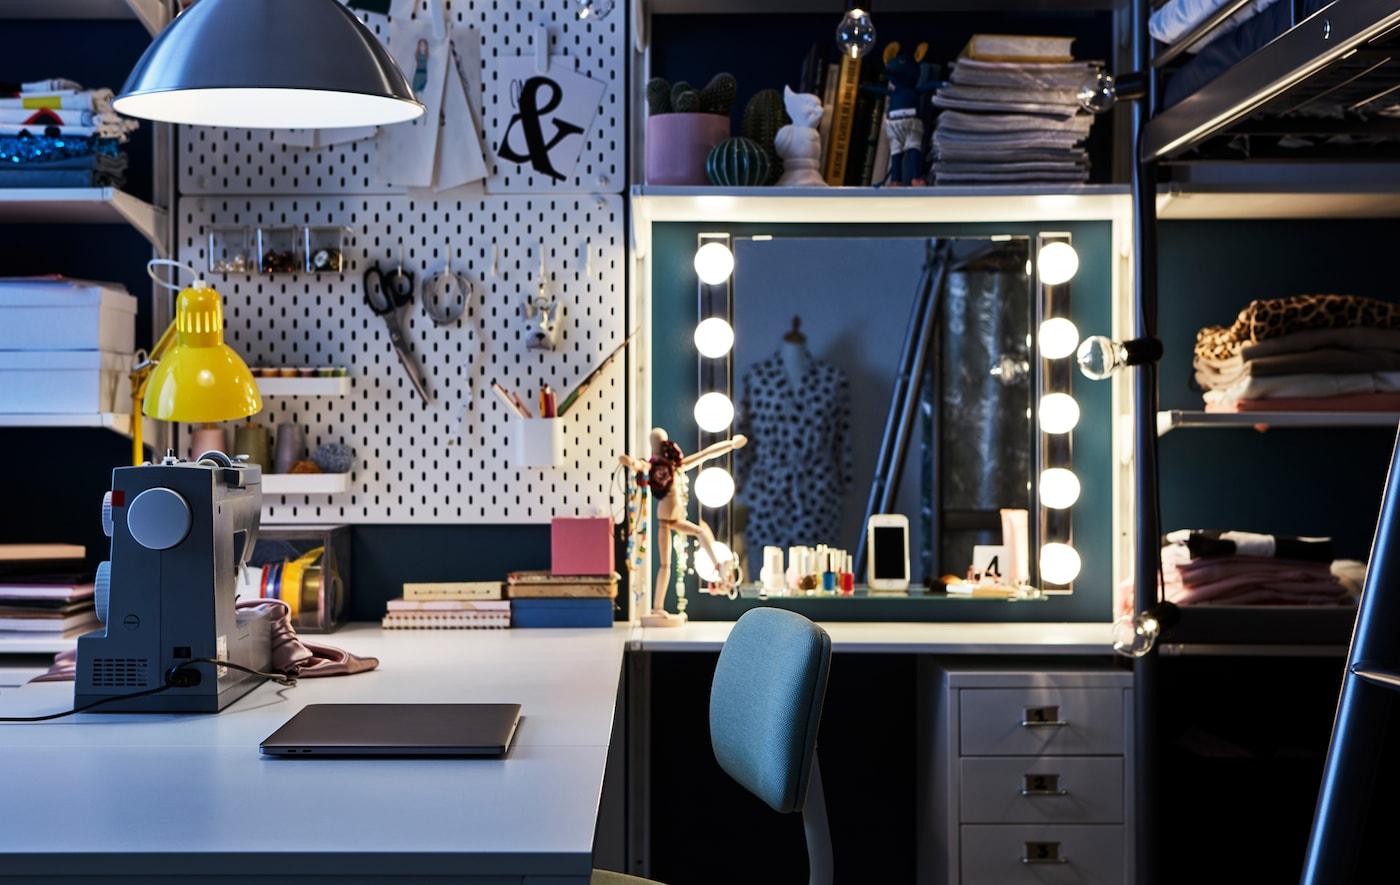 Maksimalno iskoristi ograničen prostor uz fleksibilne dodatke, poput ove IKEA SKÅDIS kombinacije za perforiranu ploču.